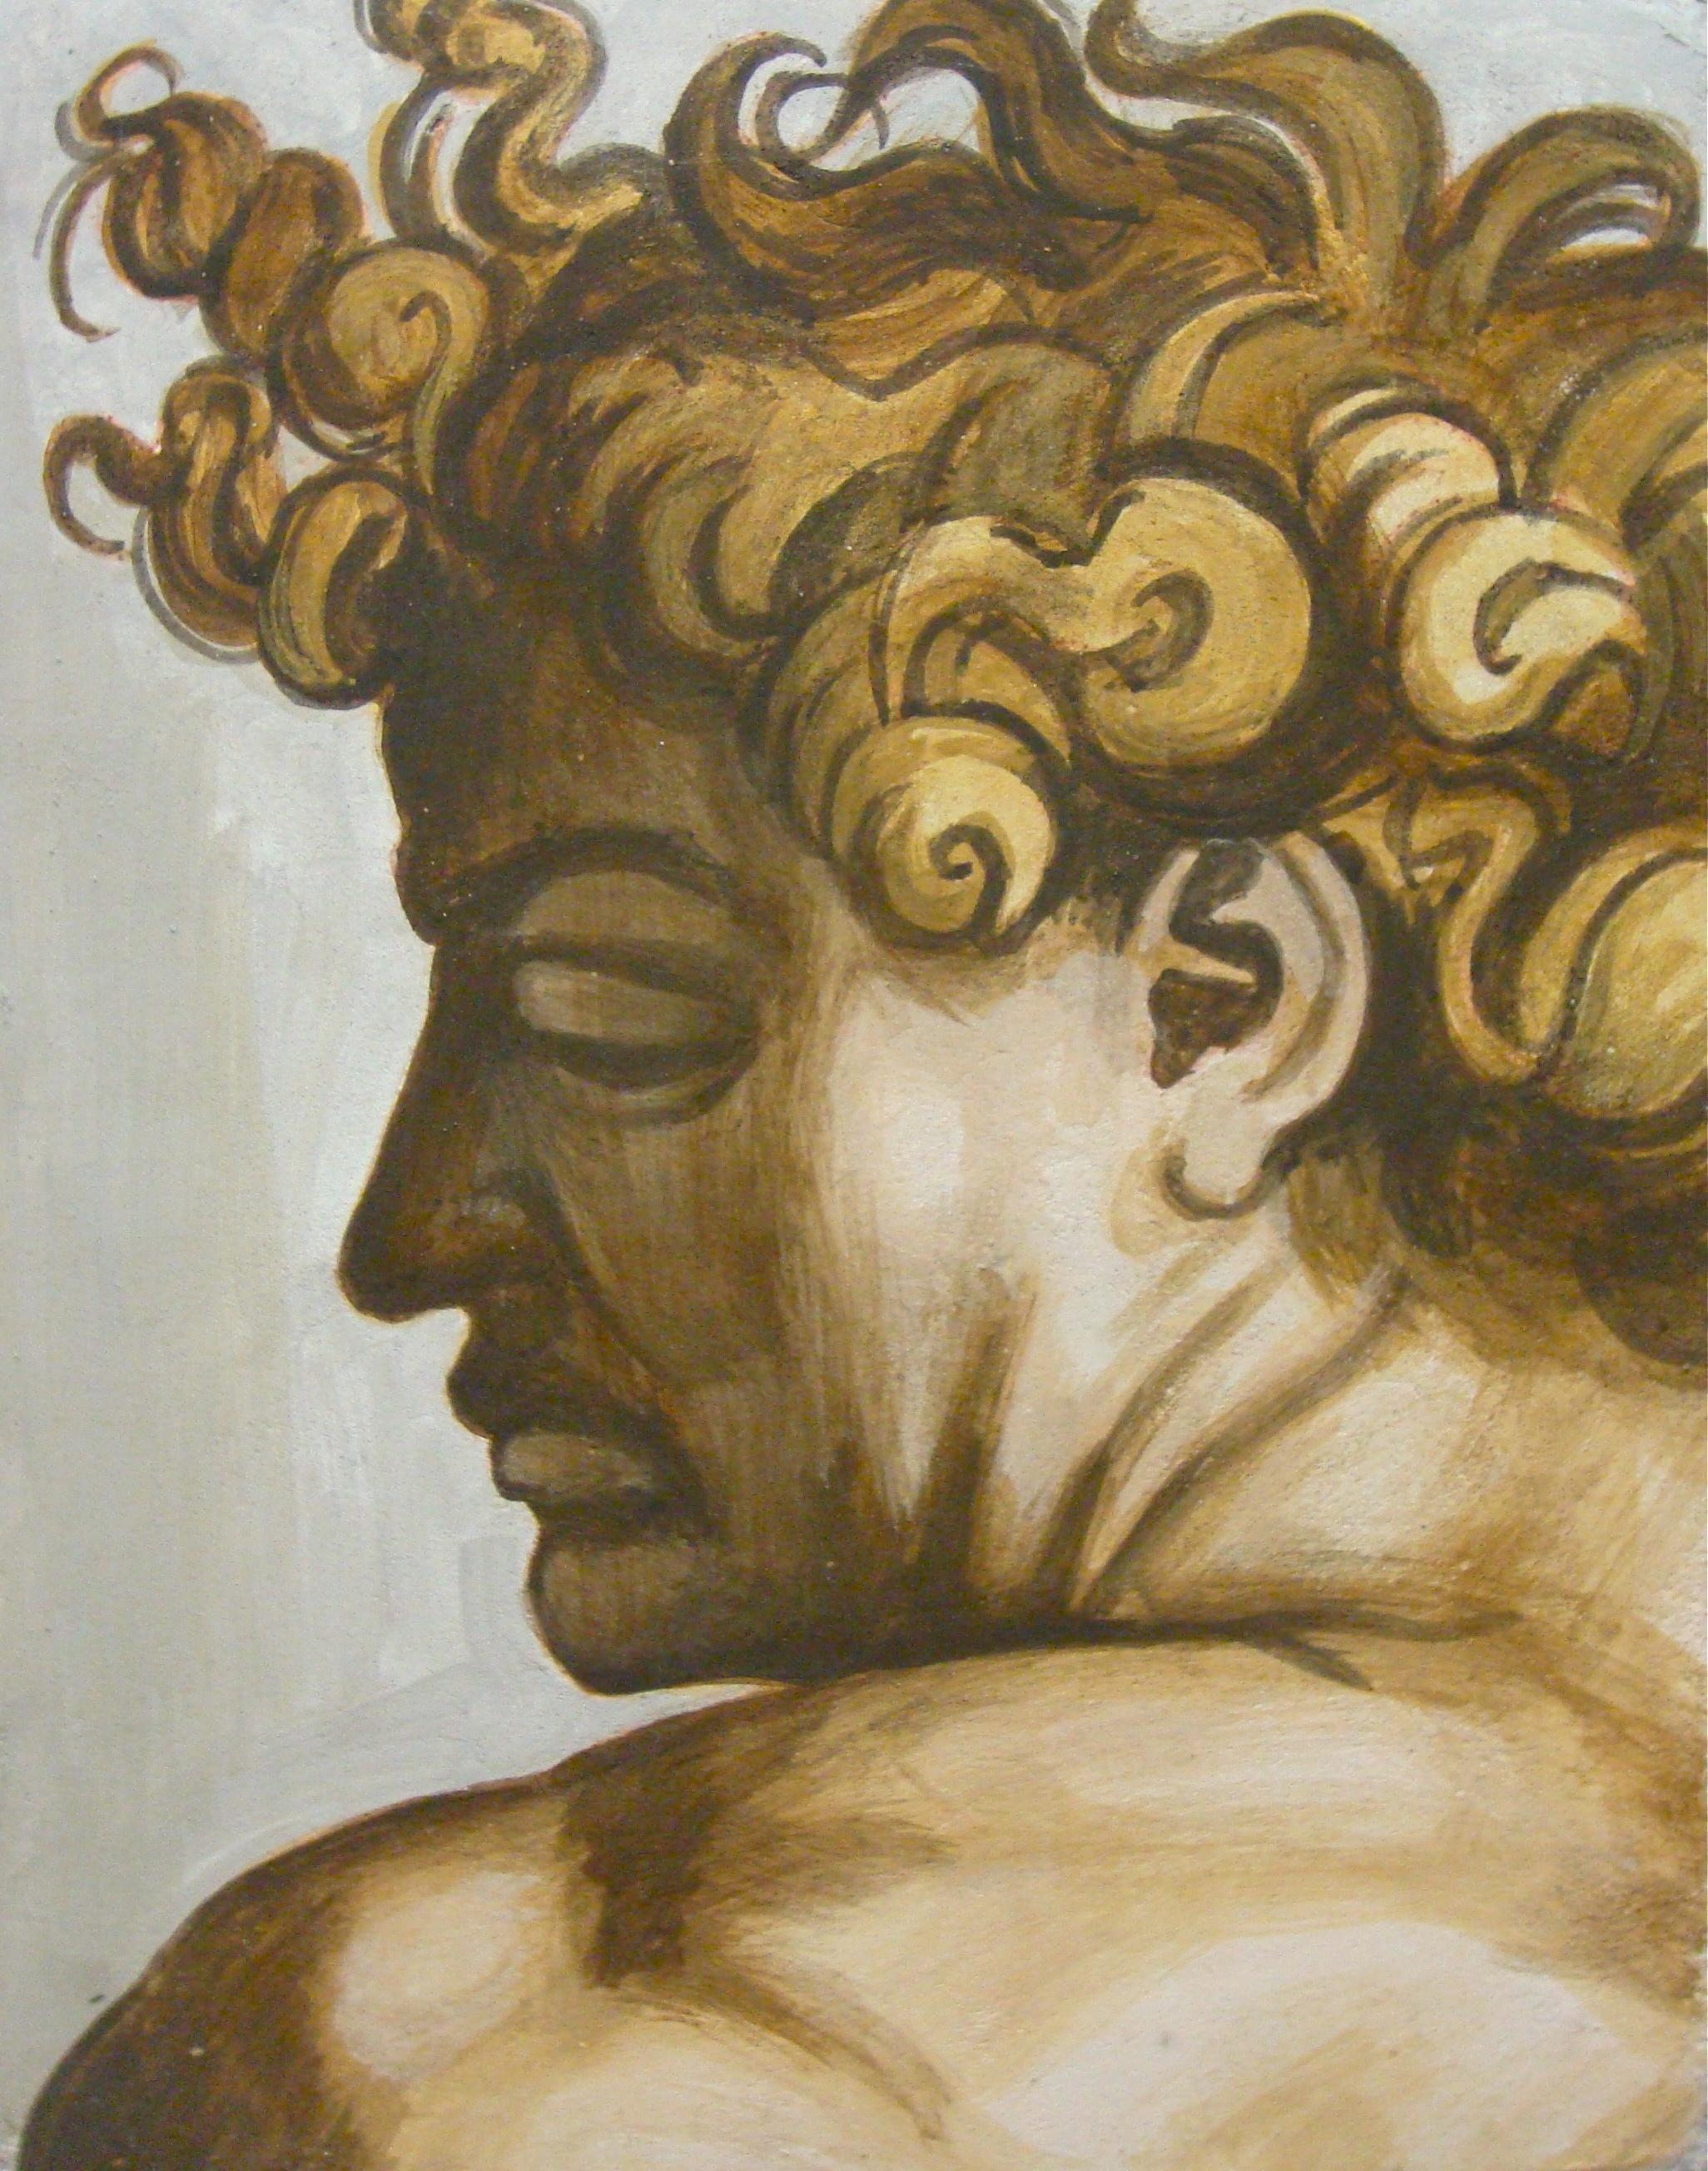 Firenze Fresco I